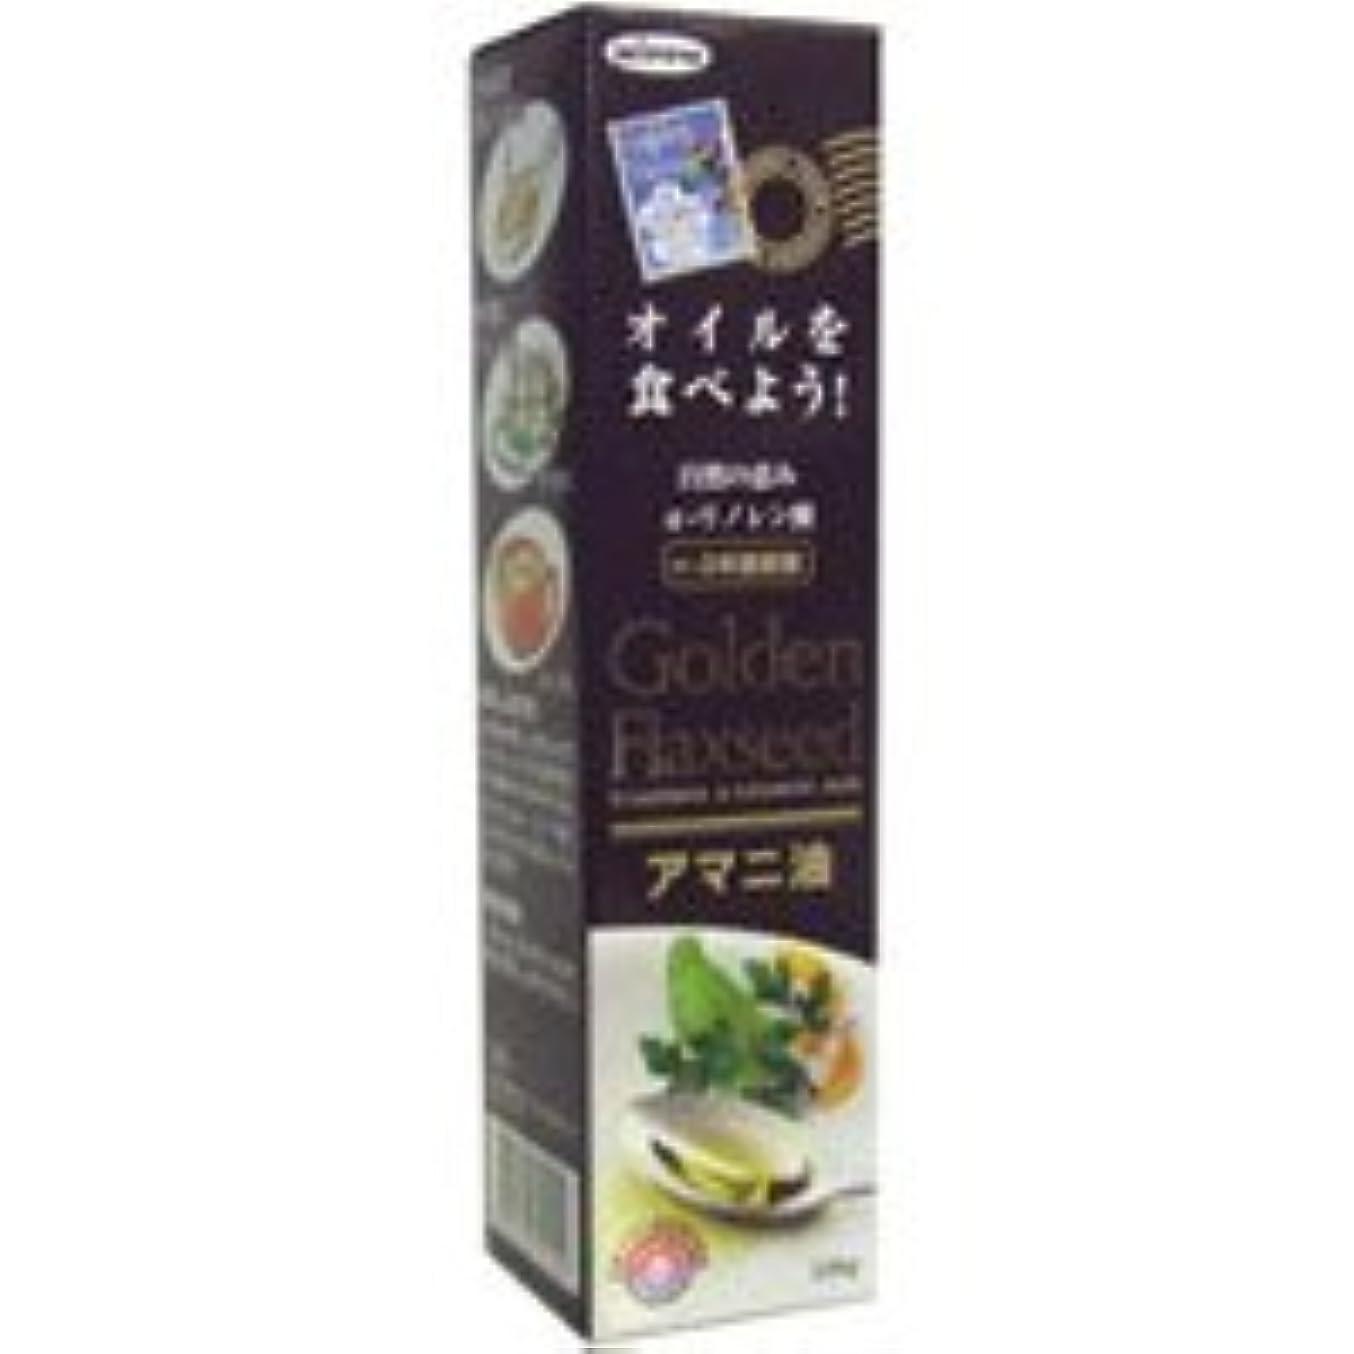 歩き回る格納無関心日本製粉アマニ油186g